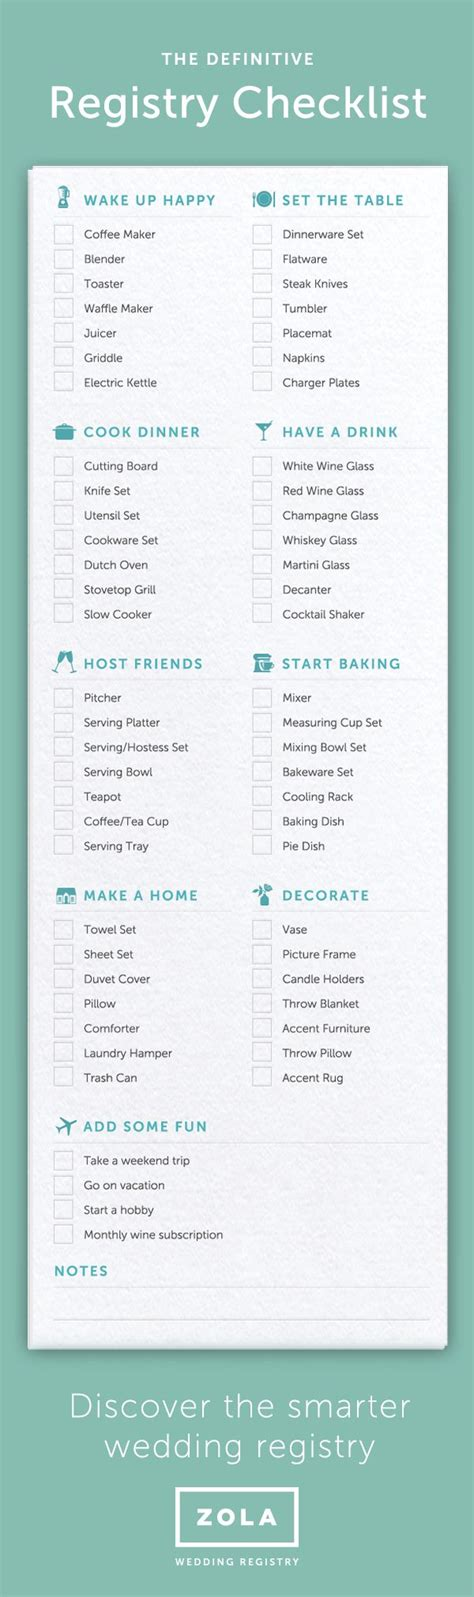 printable wedding gift registry checklist best 25 event checklist ideas on pinterest event